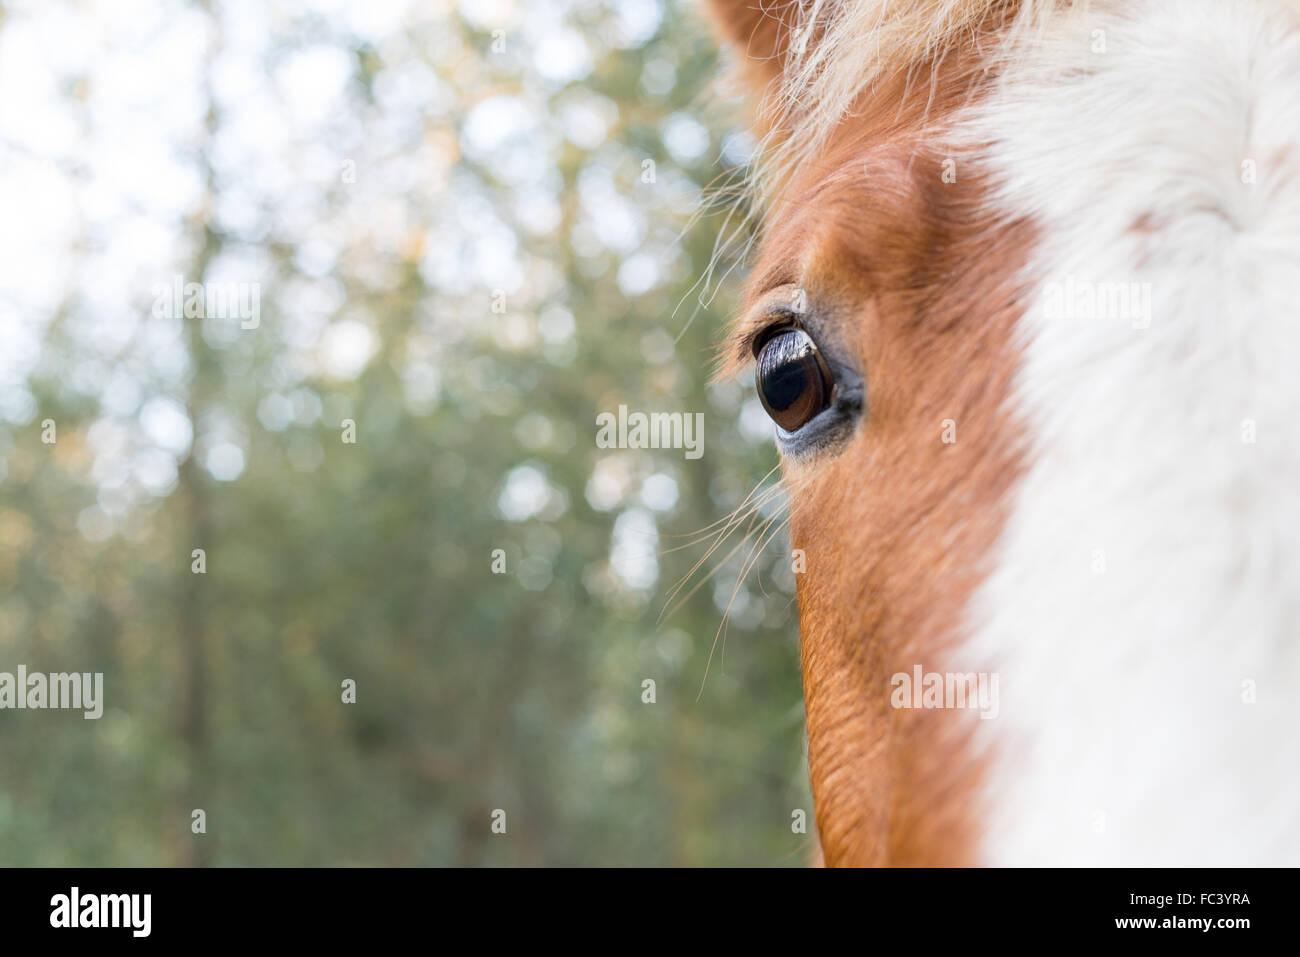 Garder un oeil sur les humains. NOSY BE Un poney New Forest est curieux que je manœuvre pour prendre sa photo. Photo Stock